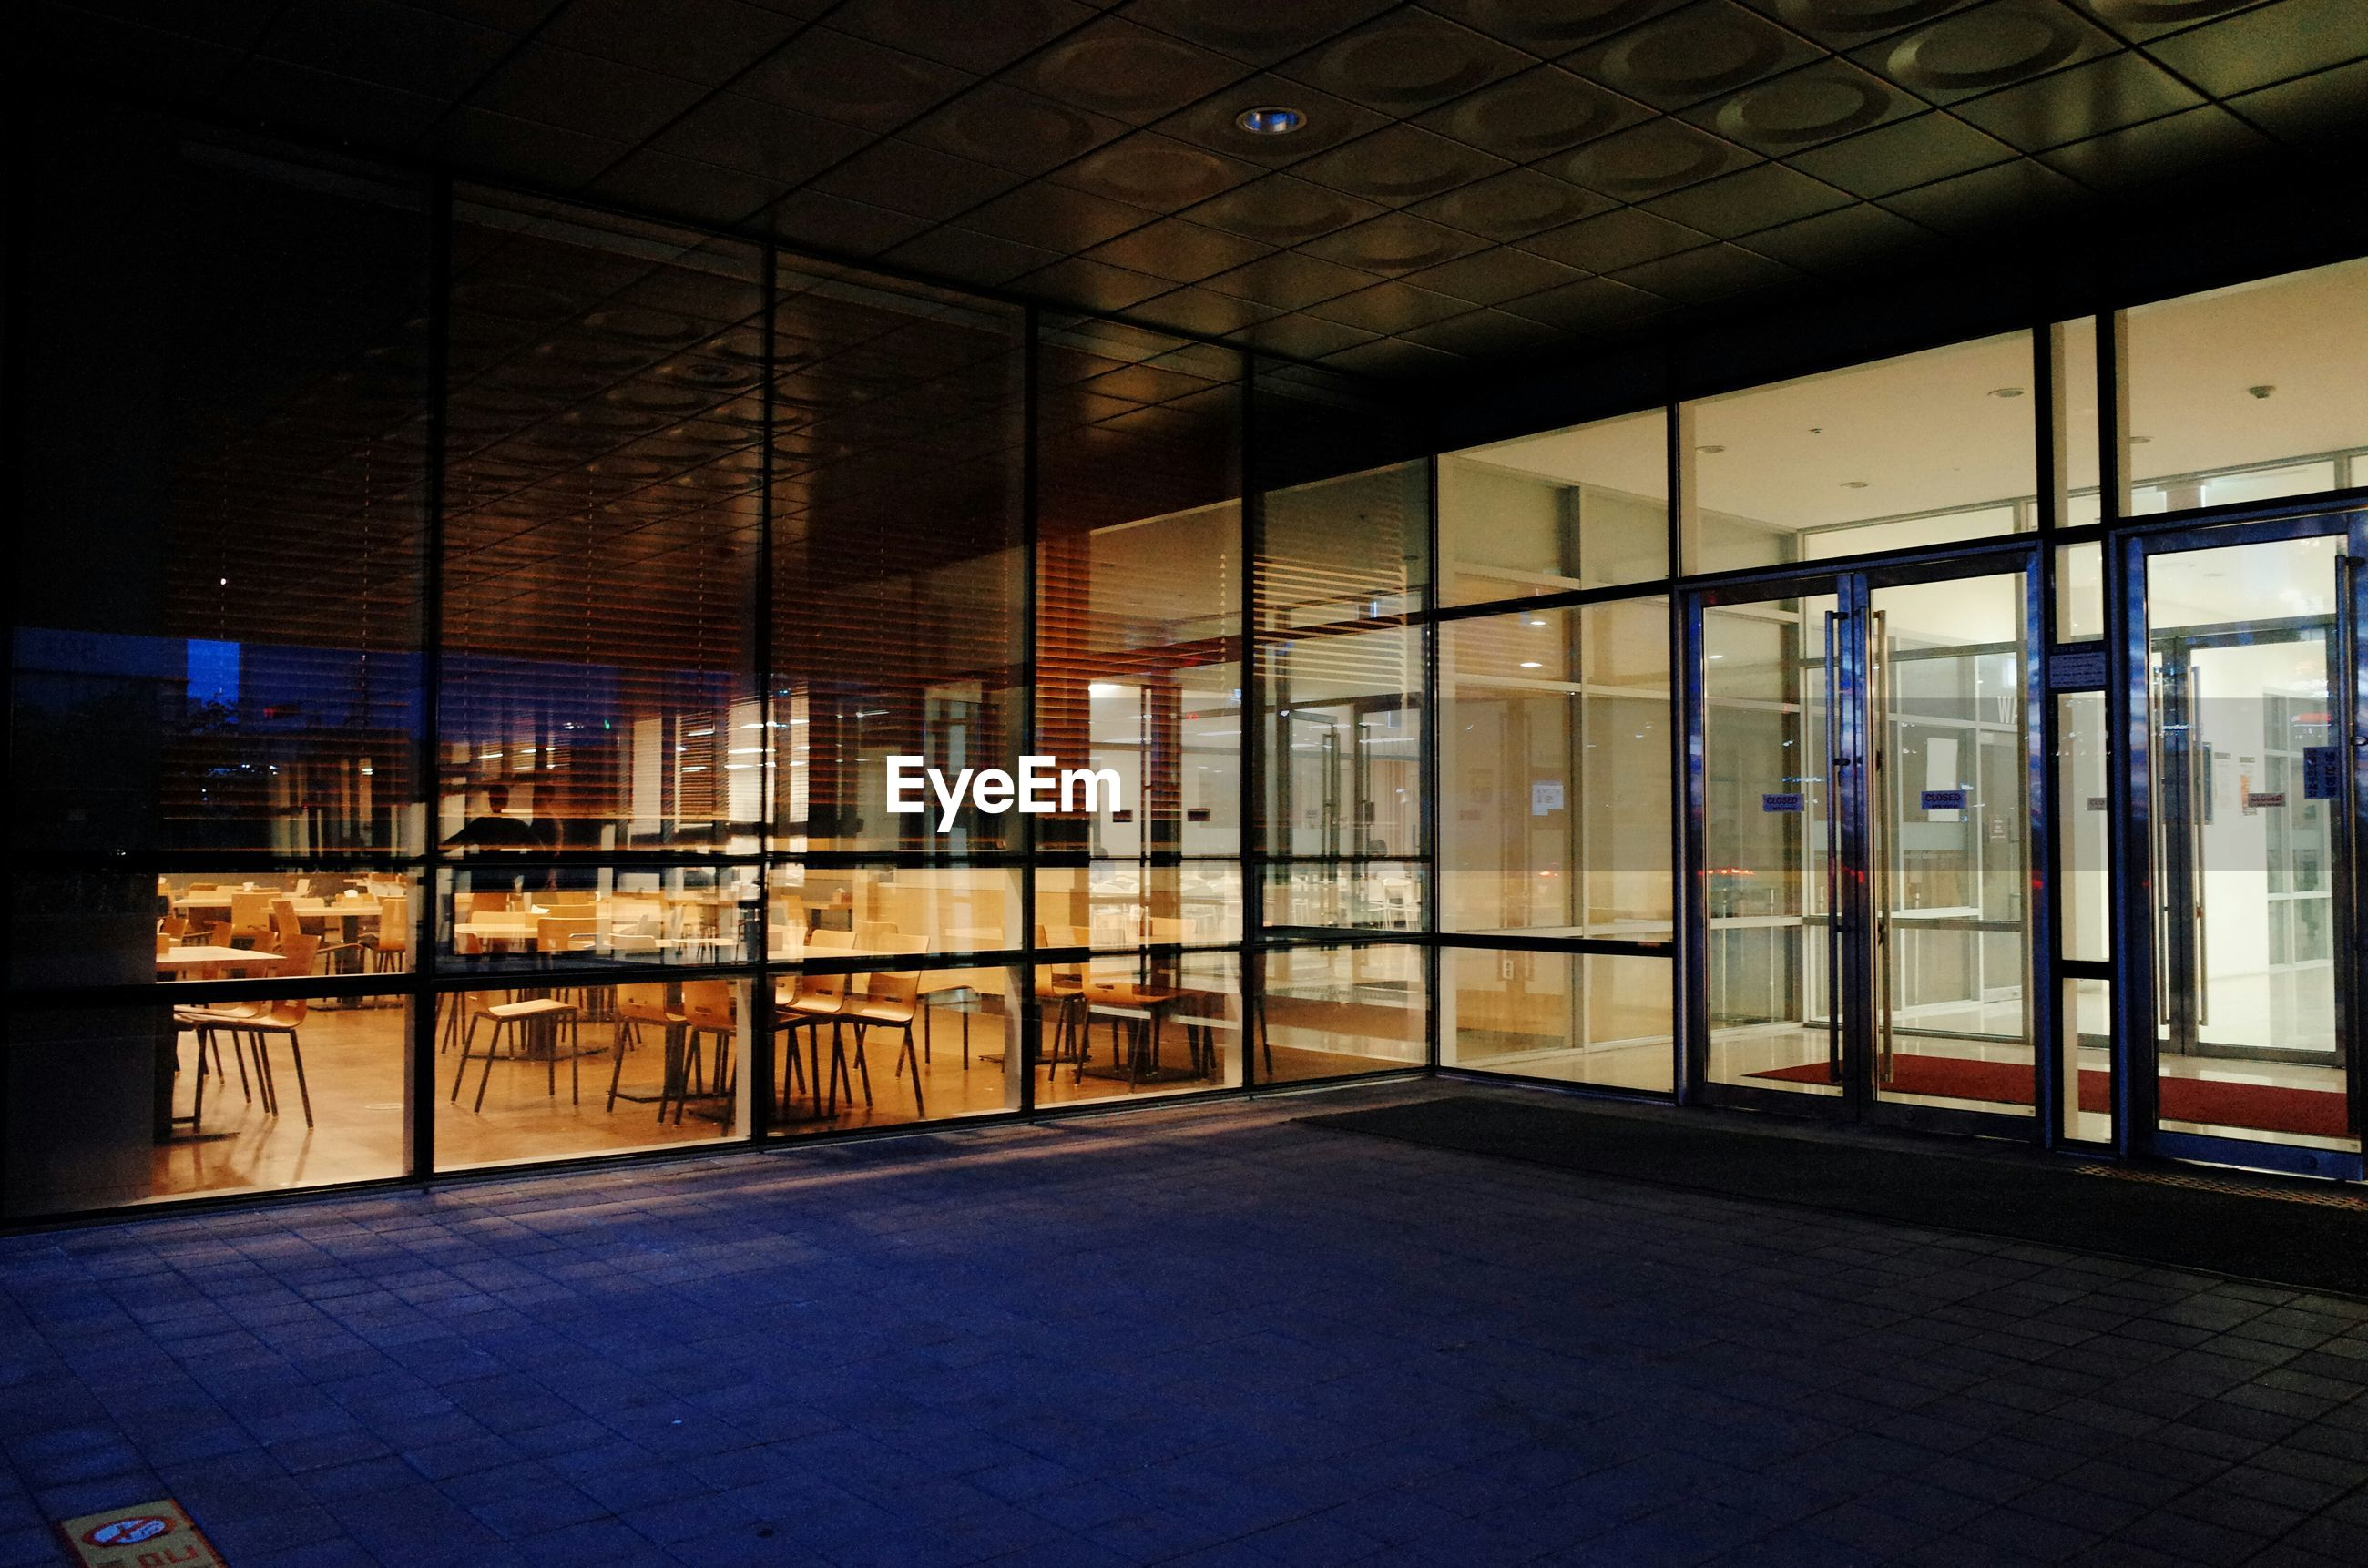 Restaurant seen through glass window